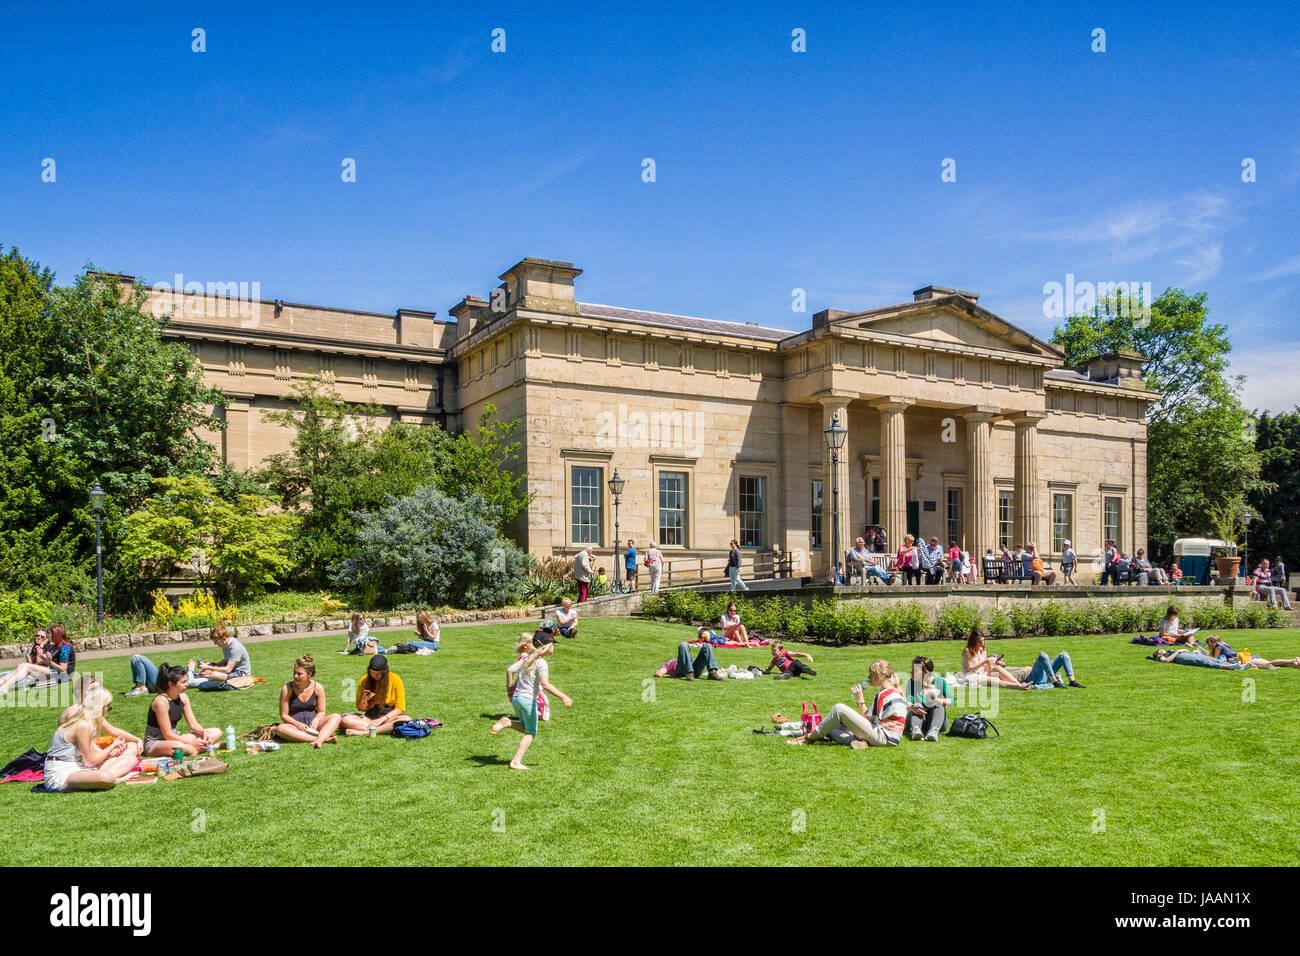 El 31 de mayo de 2017: York, North Yorkshire, Inglaterra, Reino Unido - la gente de todas las edades en un relajante Imagen De Stock